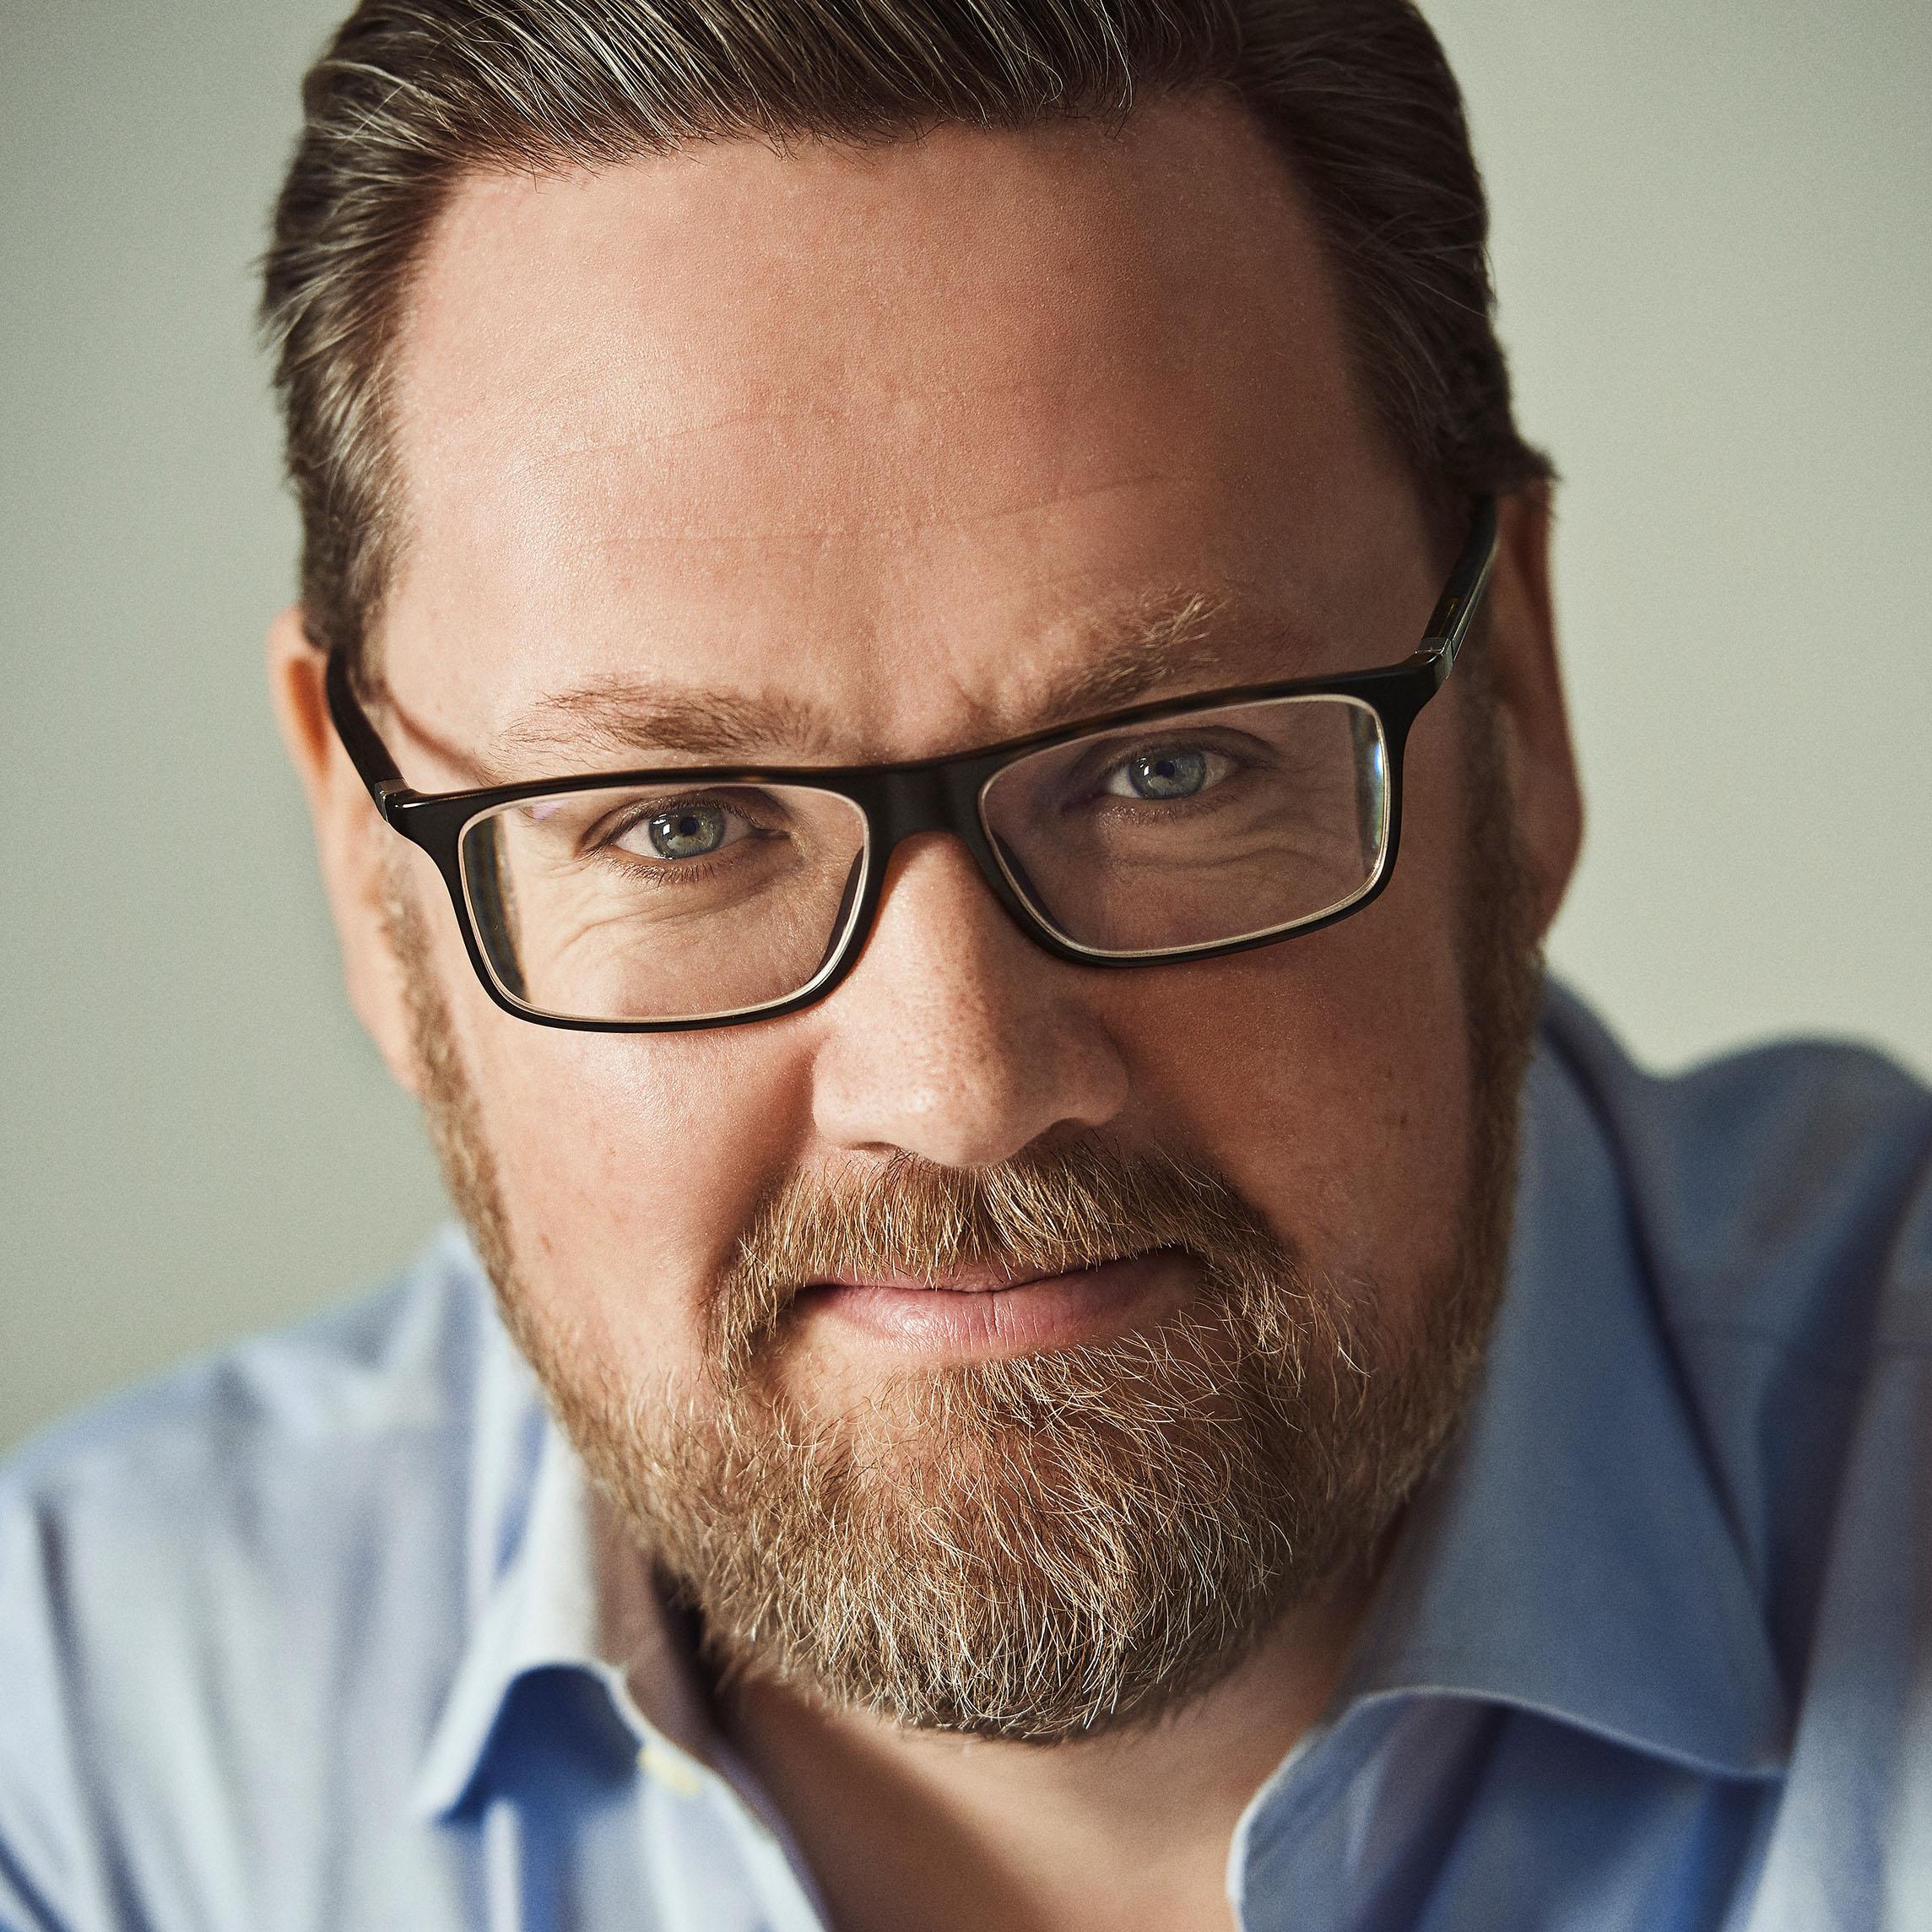 Ole Sønnichsen